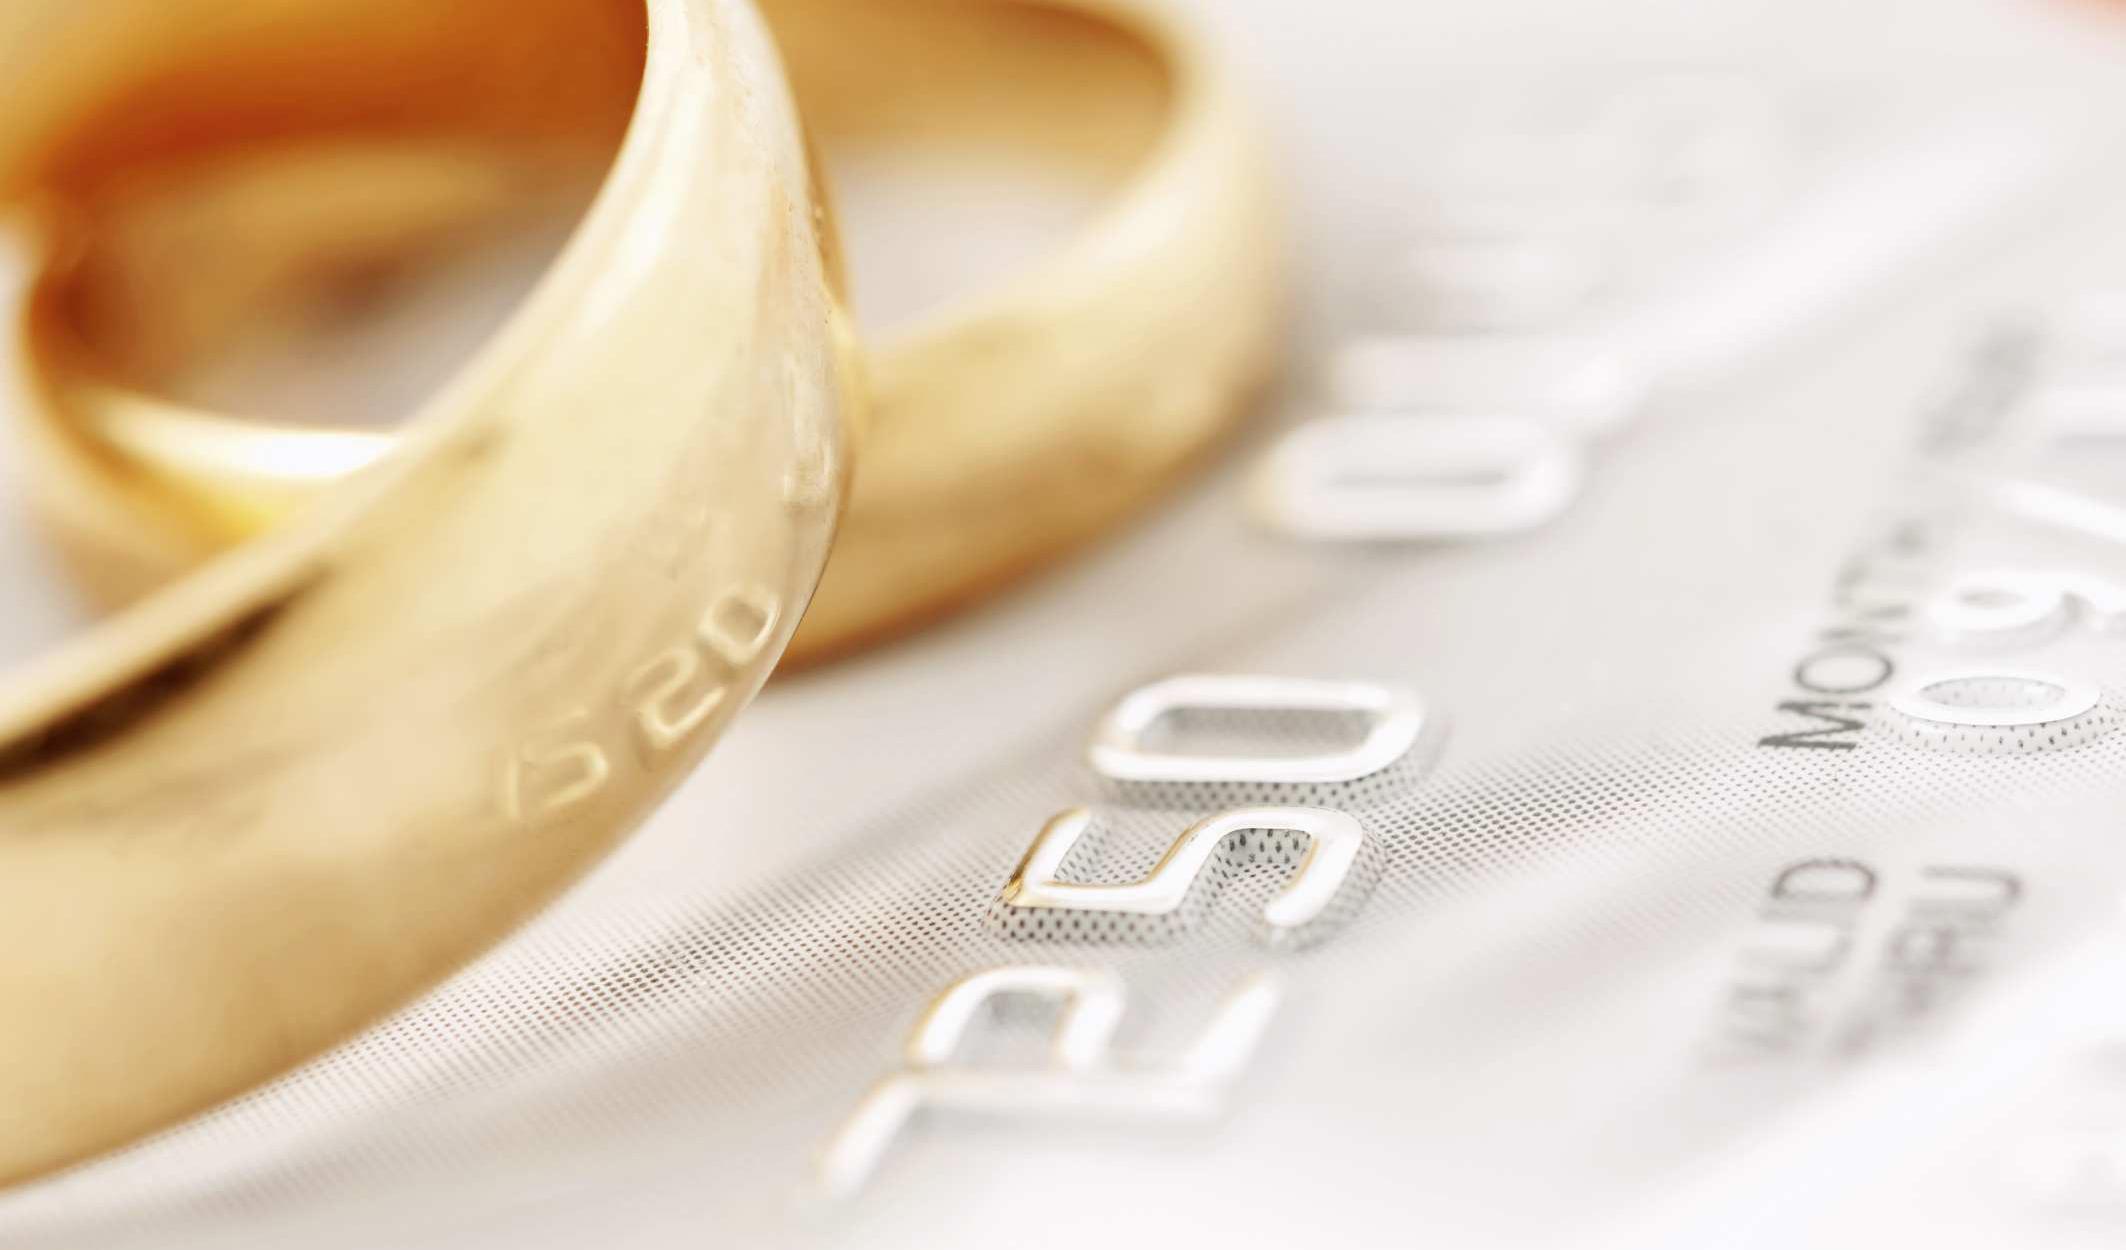 ۱۱۶ هزار نفر وام ازدواج گرفتند